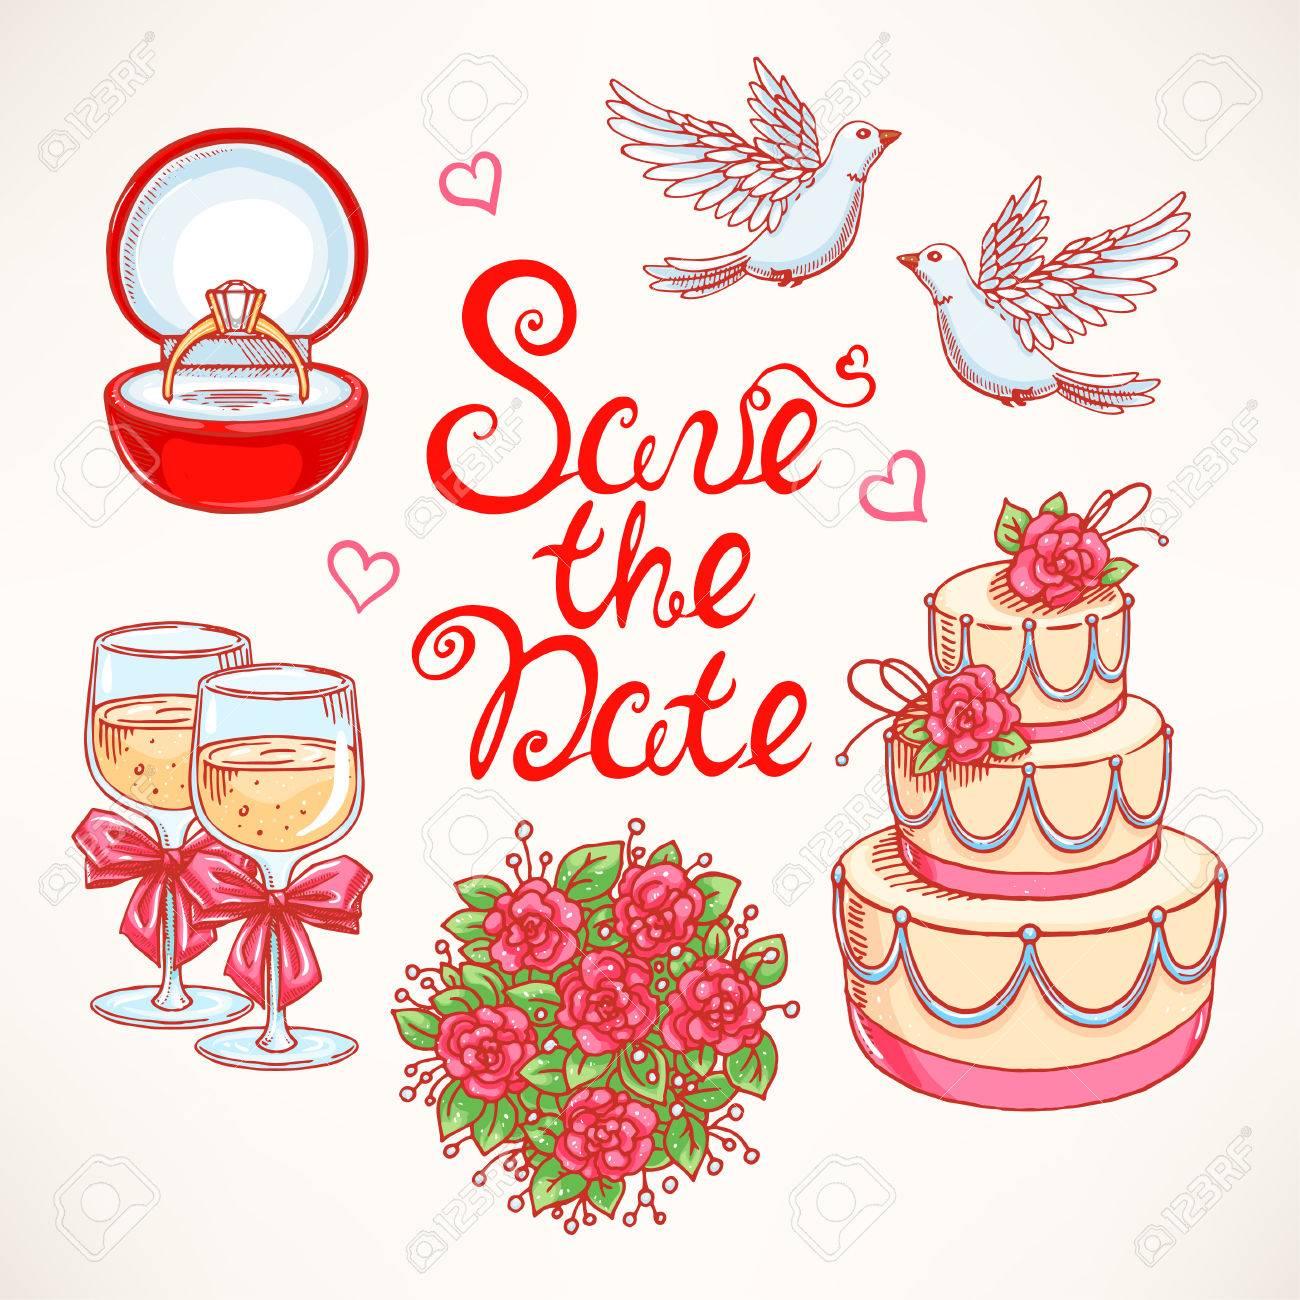 カップルのハト、ウェディング ケーキ、ブーケ、結婚式のためのかわいいセット。手描きのイラスト。